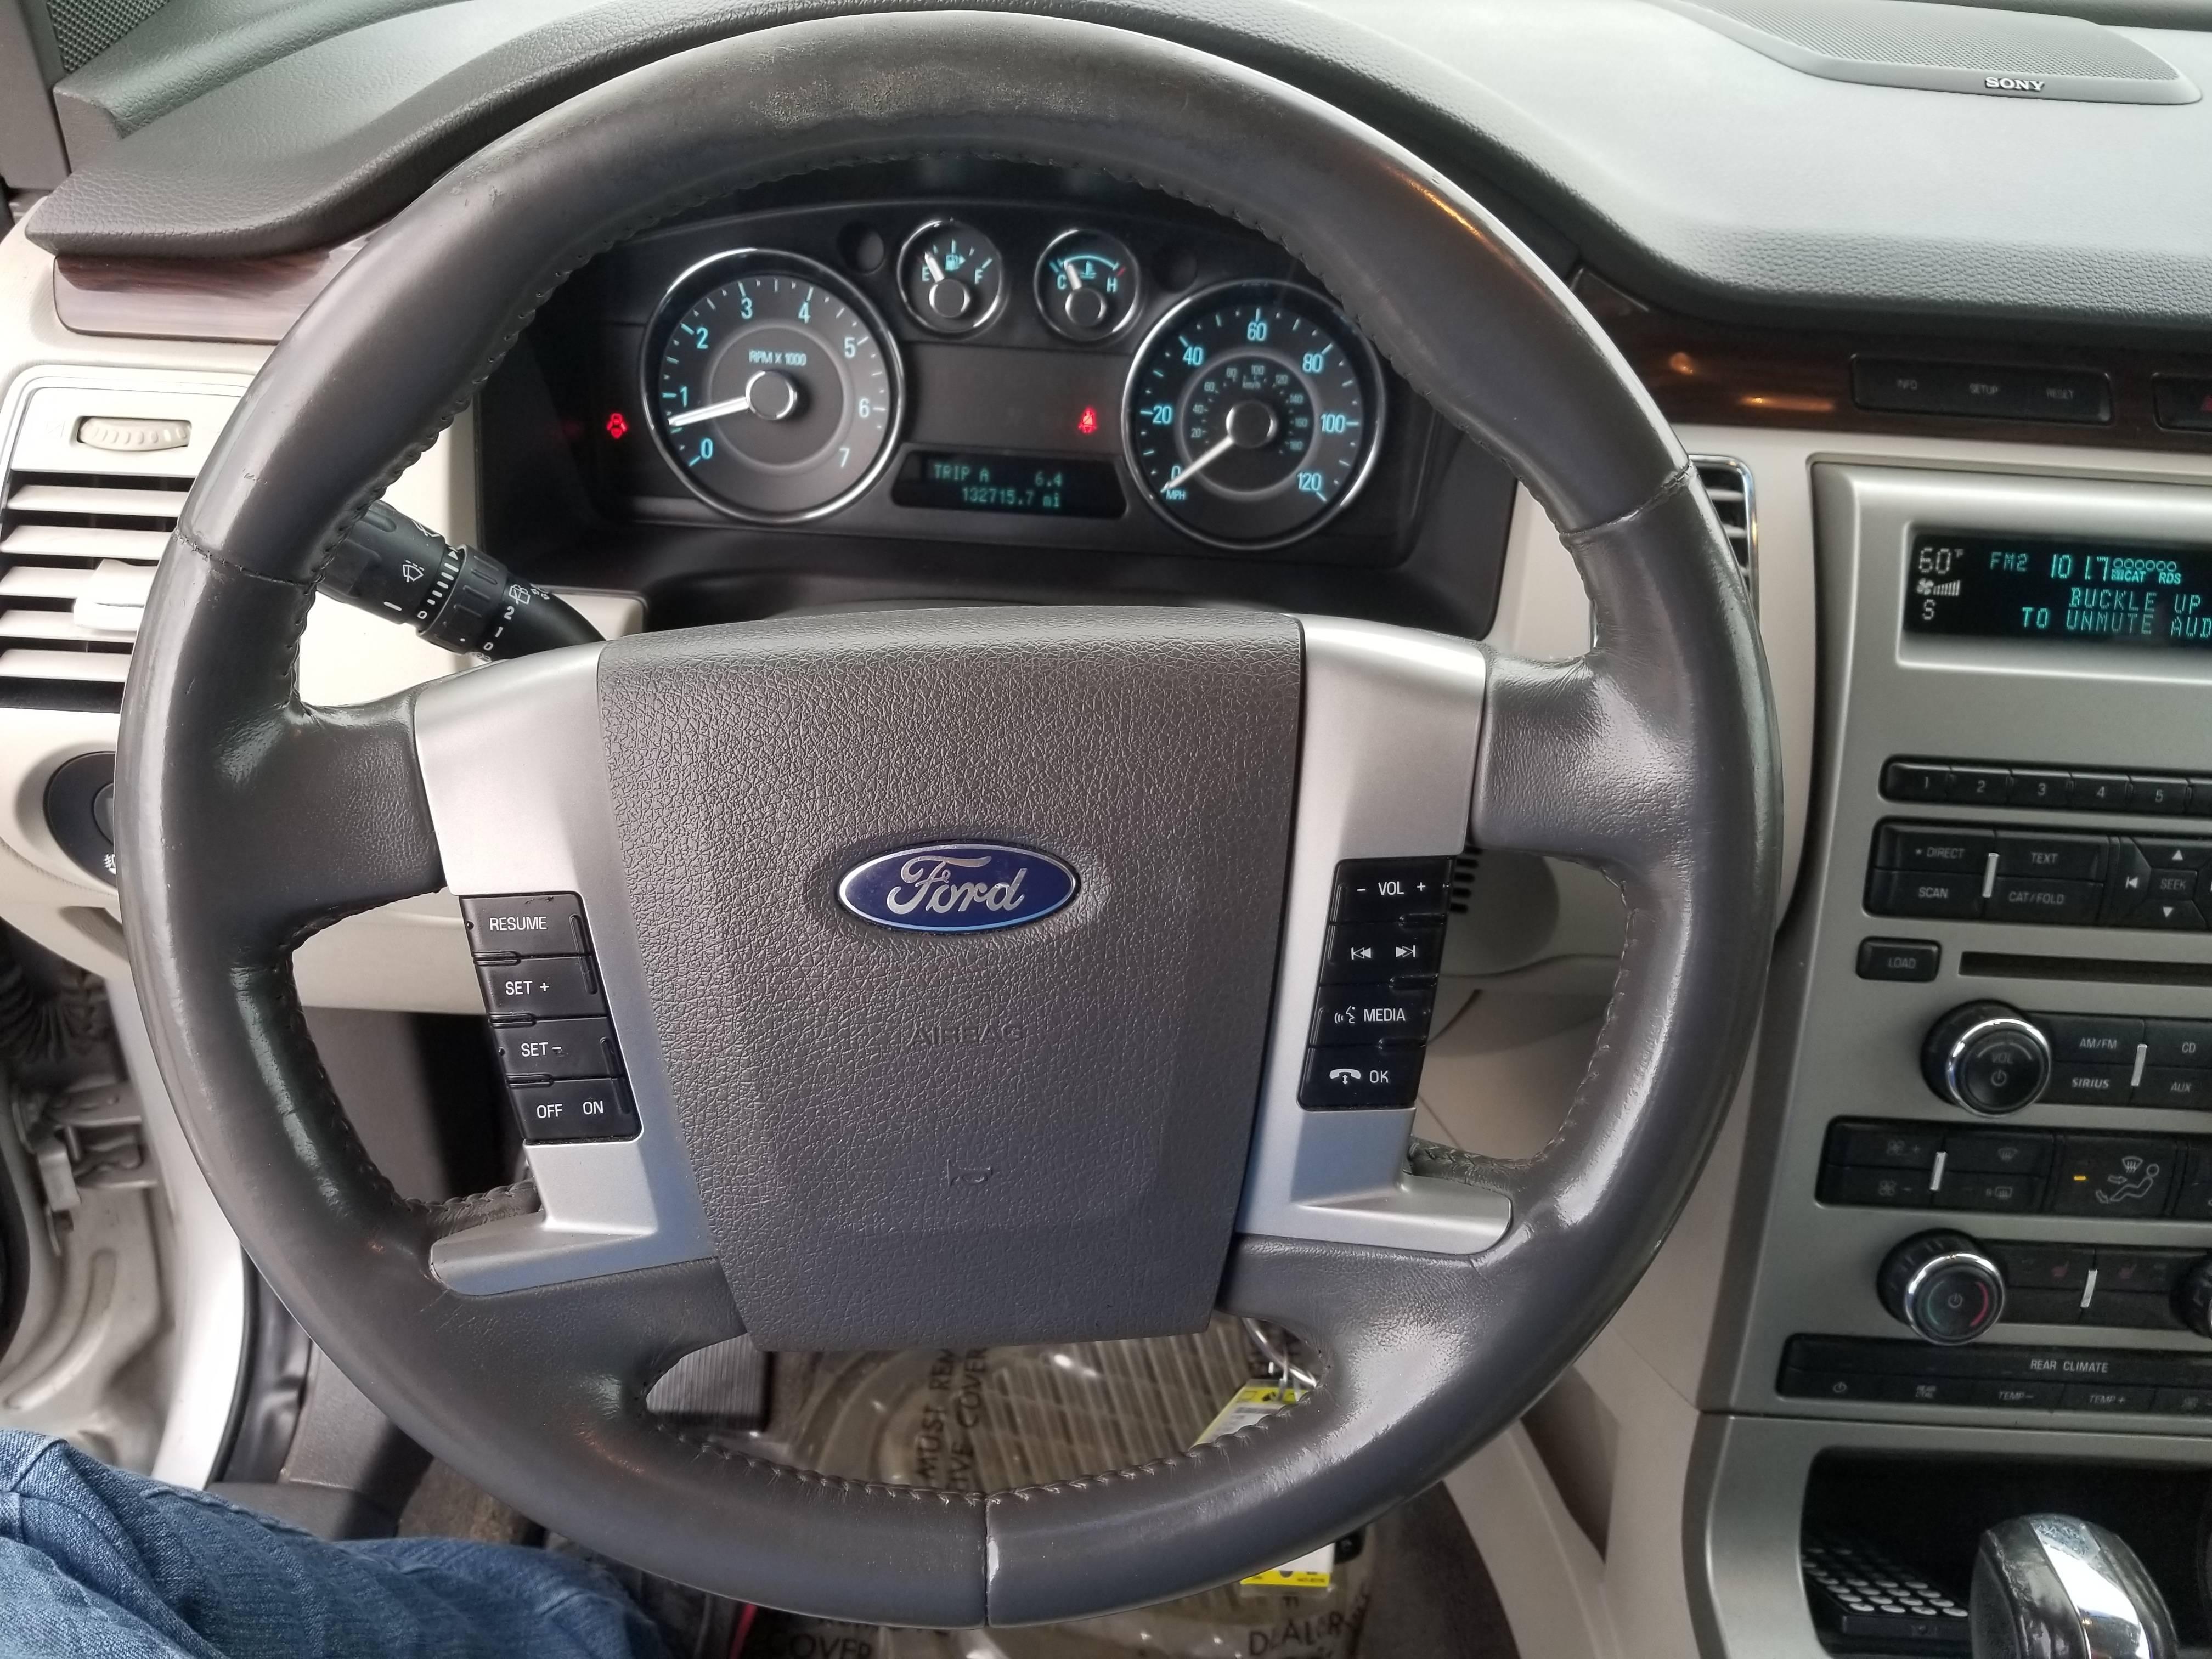 used vehicle - SUV Ford Flex 2011